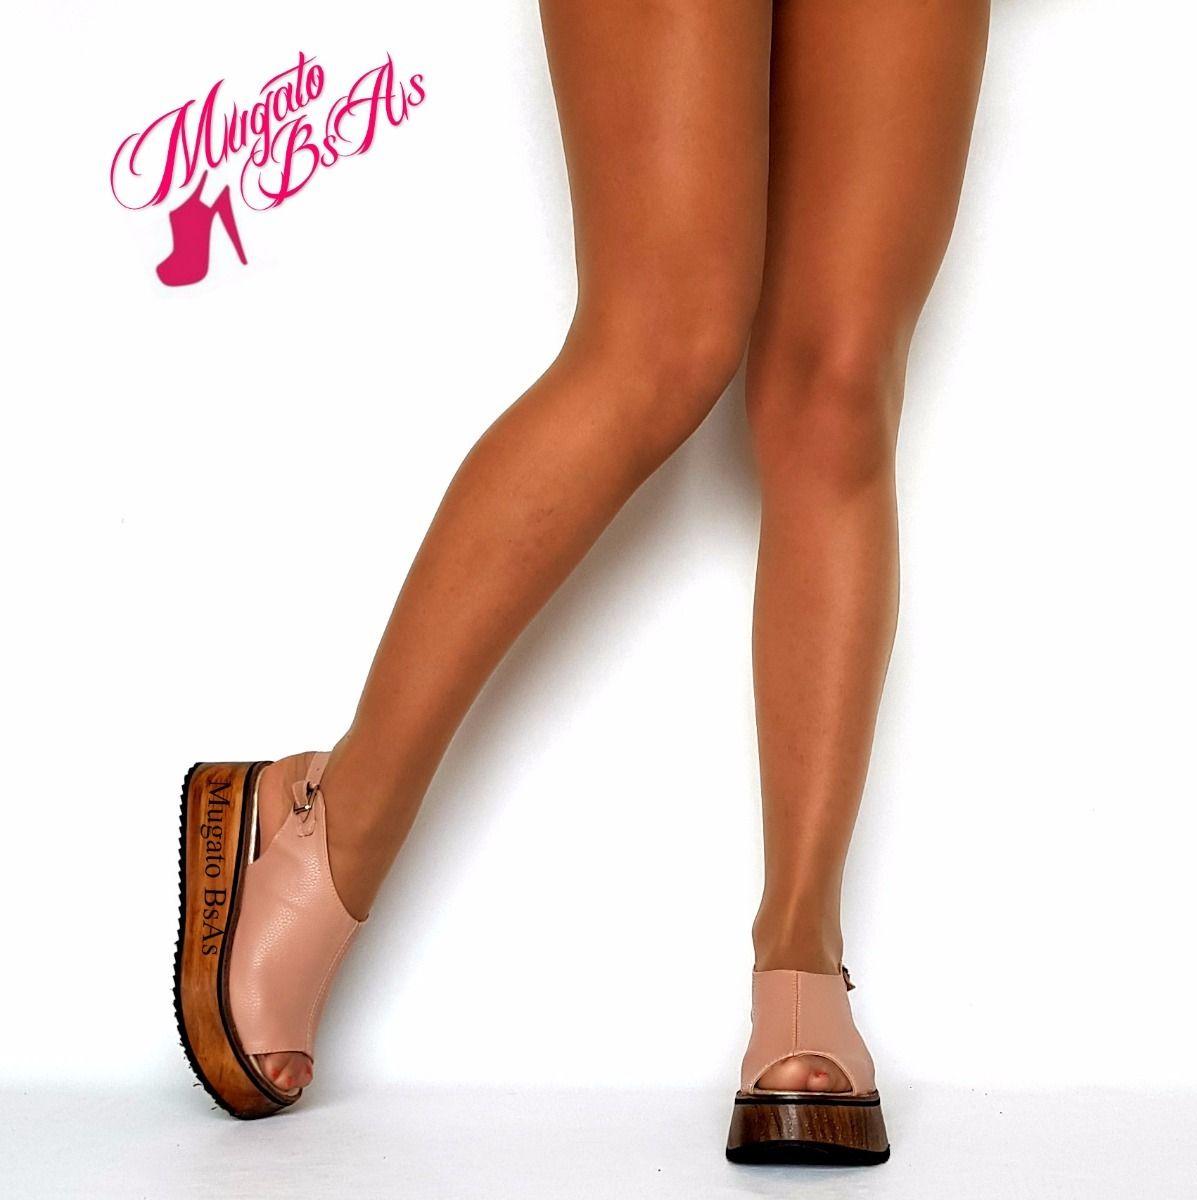 0e025c7c3f9 zapatos sandalias mujer flecos laterales pretemporada 2018 ...